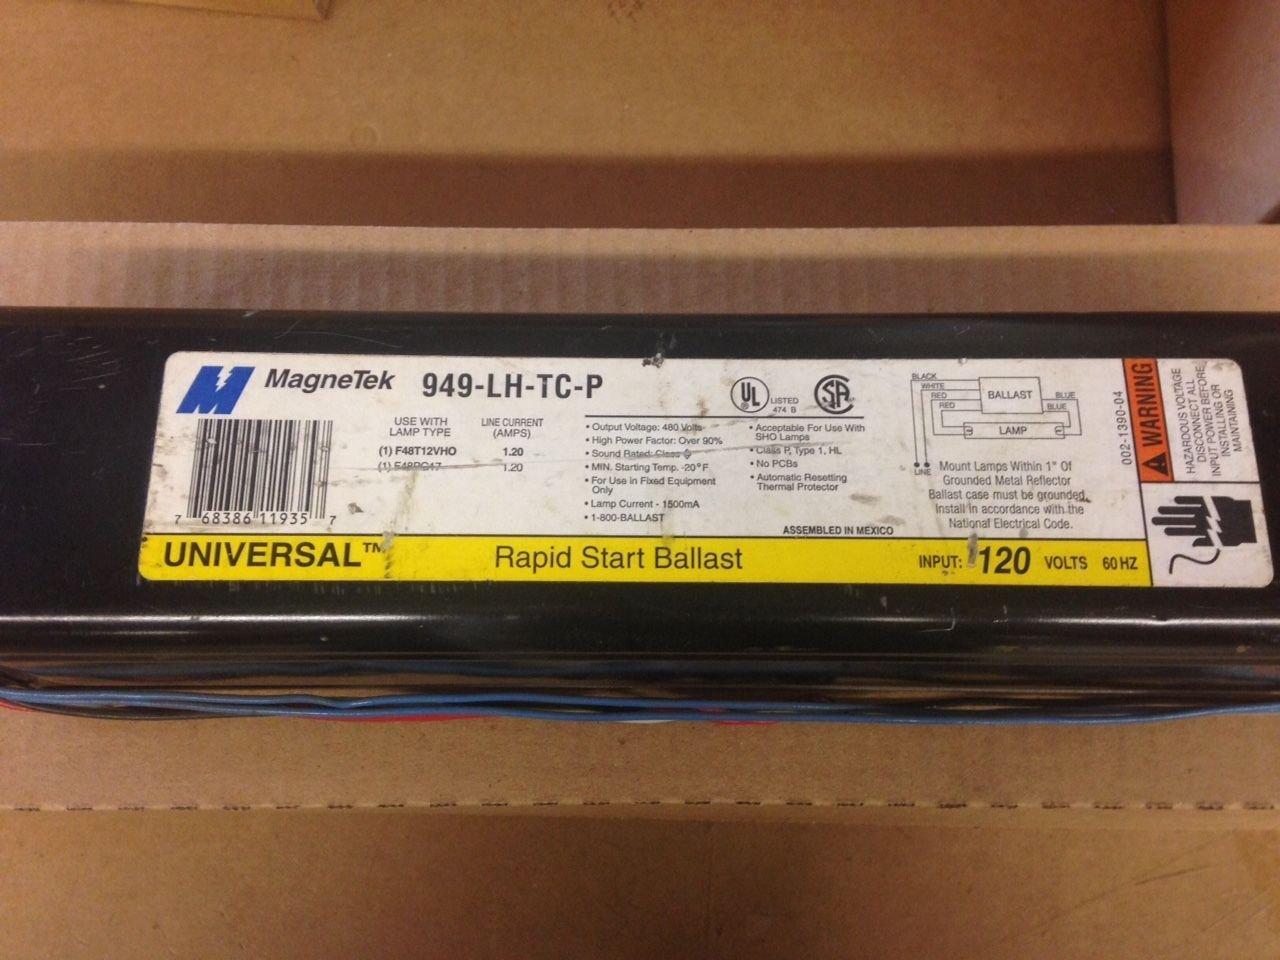 Universal Magnetek 949-Lh-Tc-P Rapid Start Ballast 120V For (1) F48T12VHO